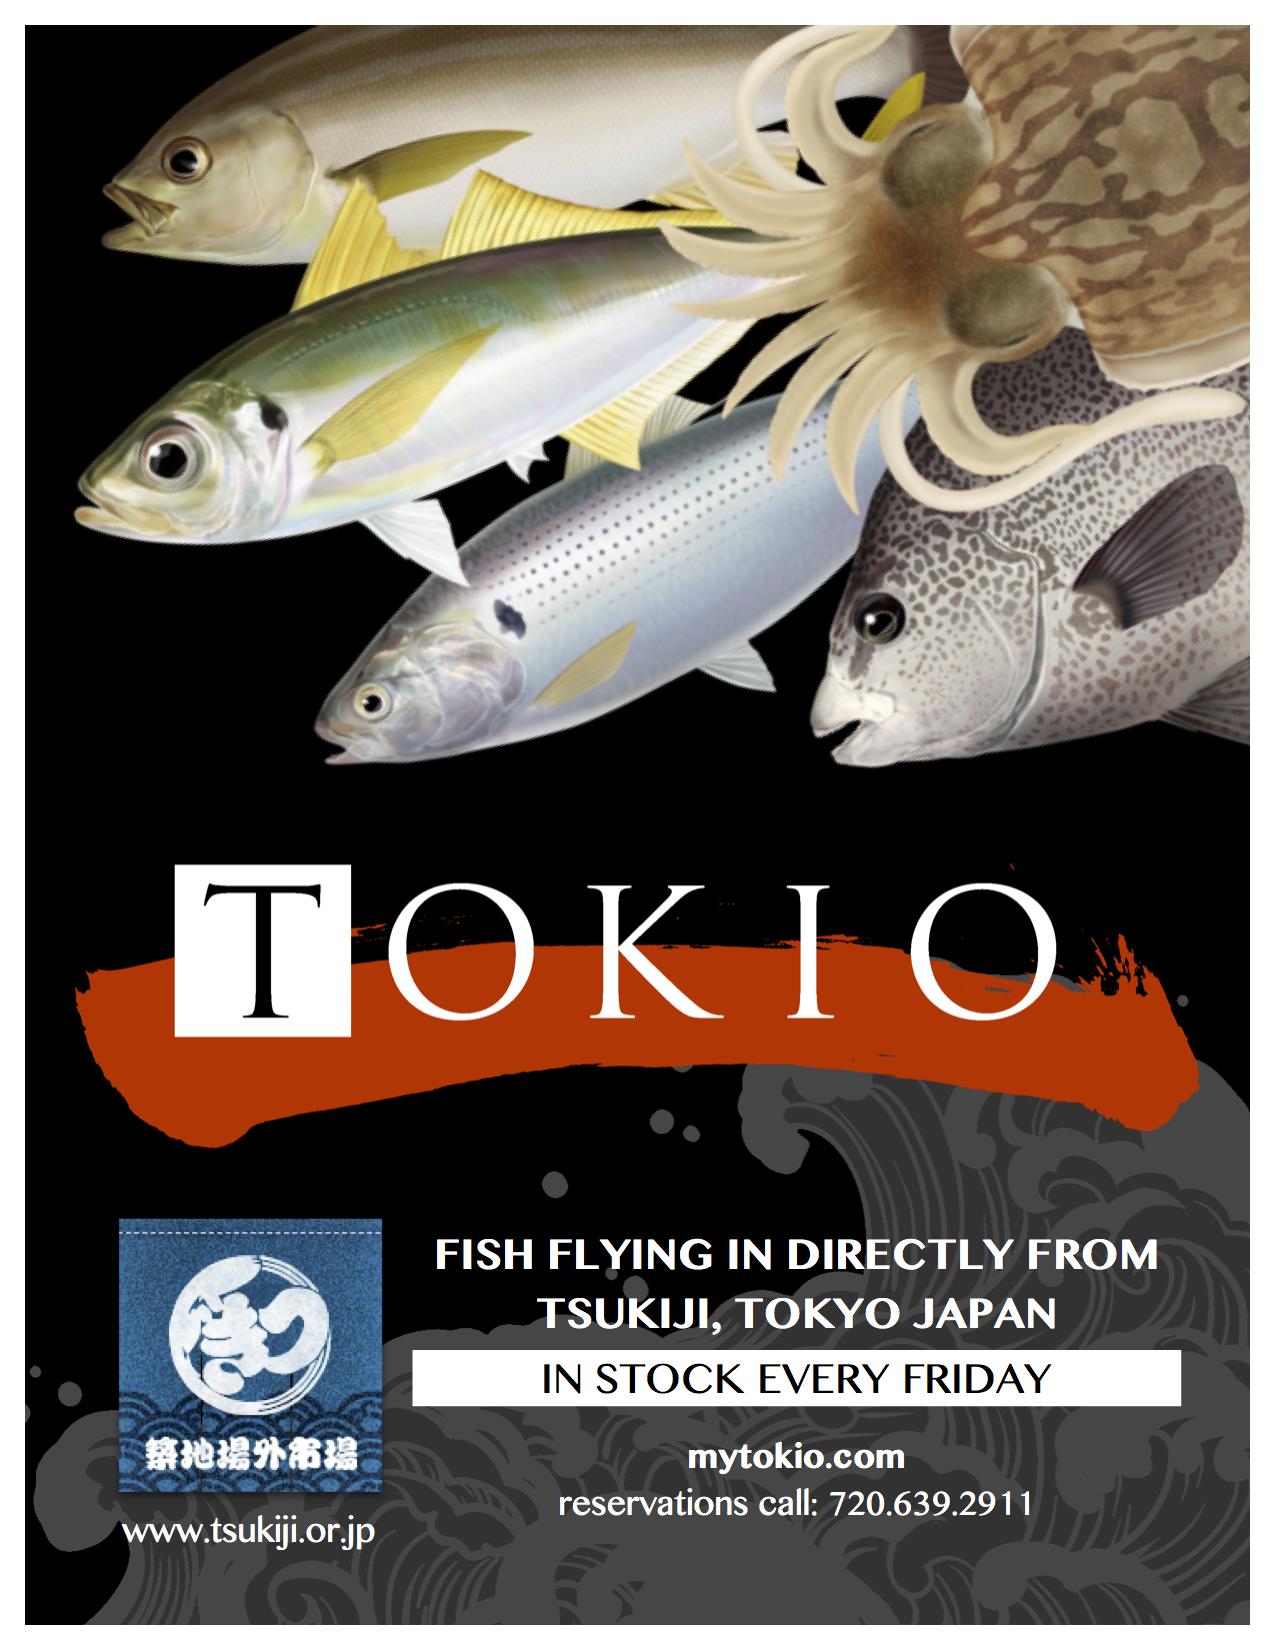 tsukiji2tokio.png